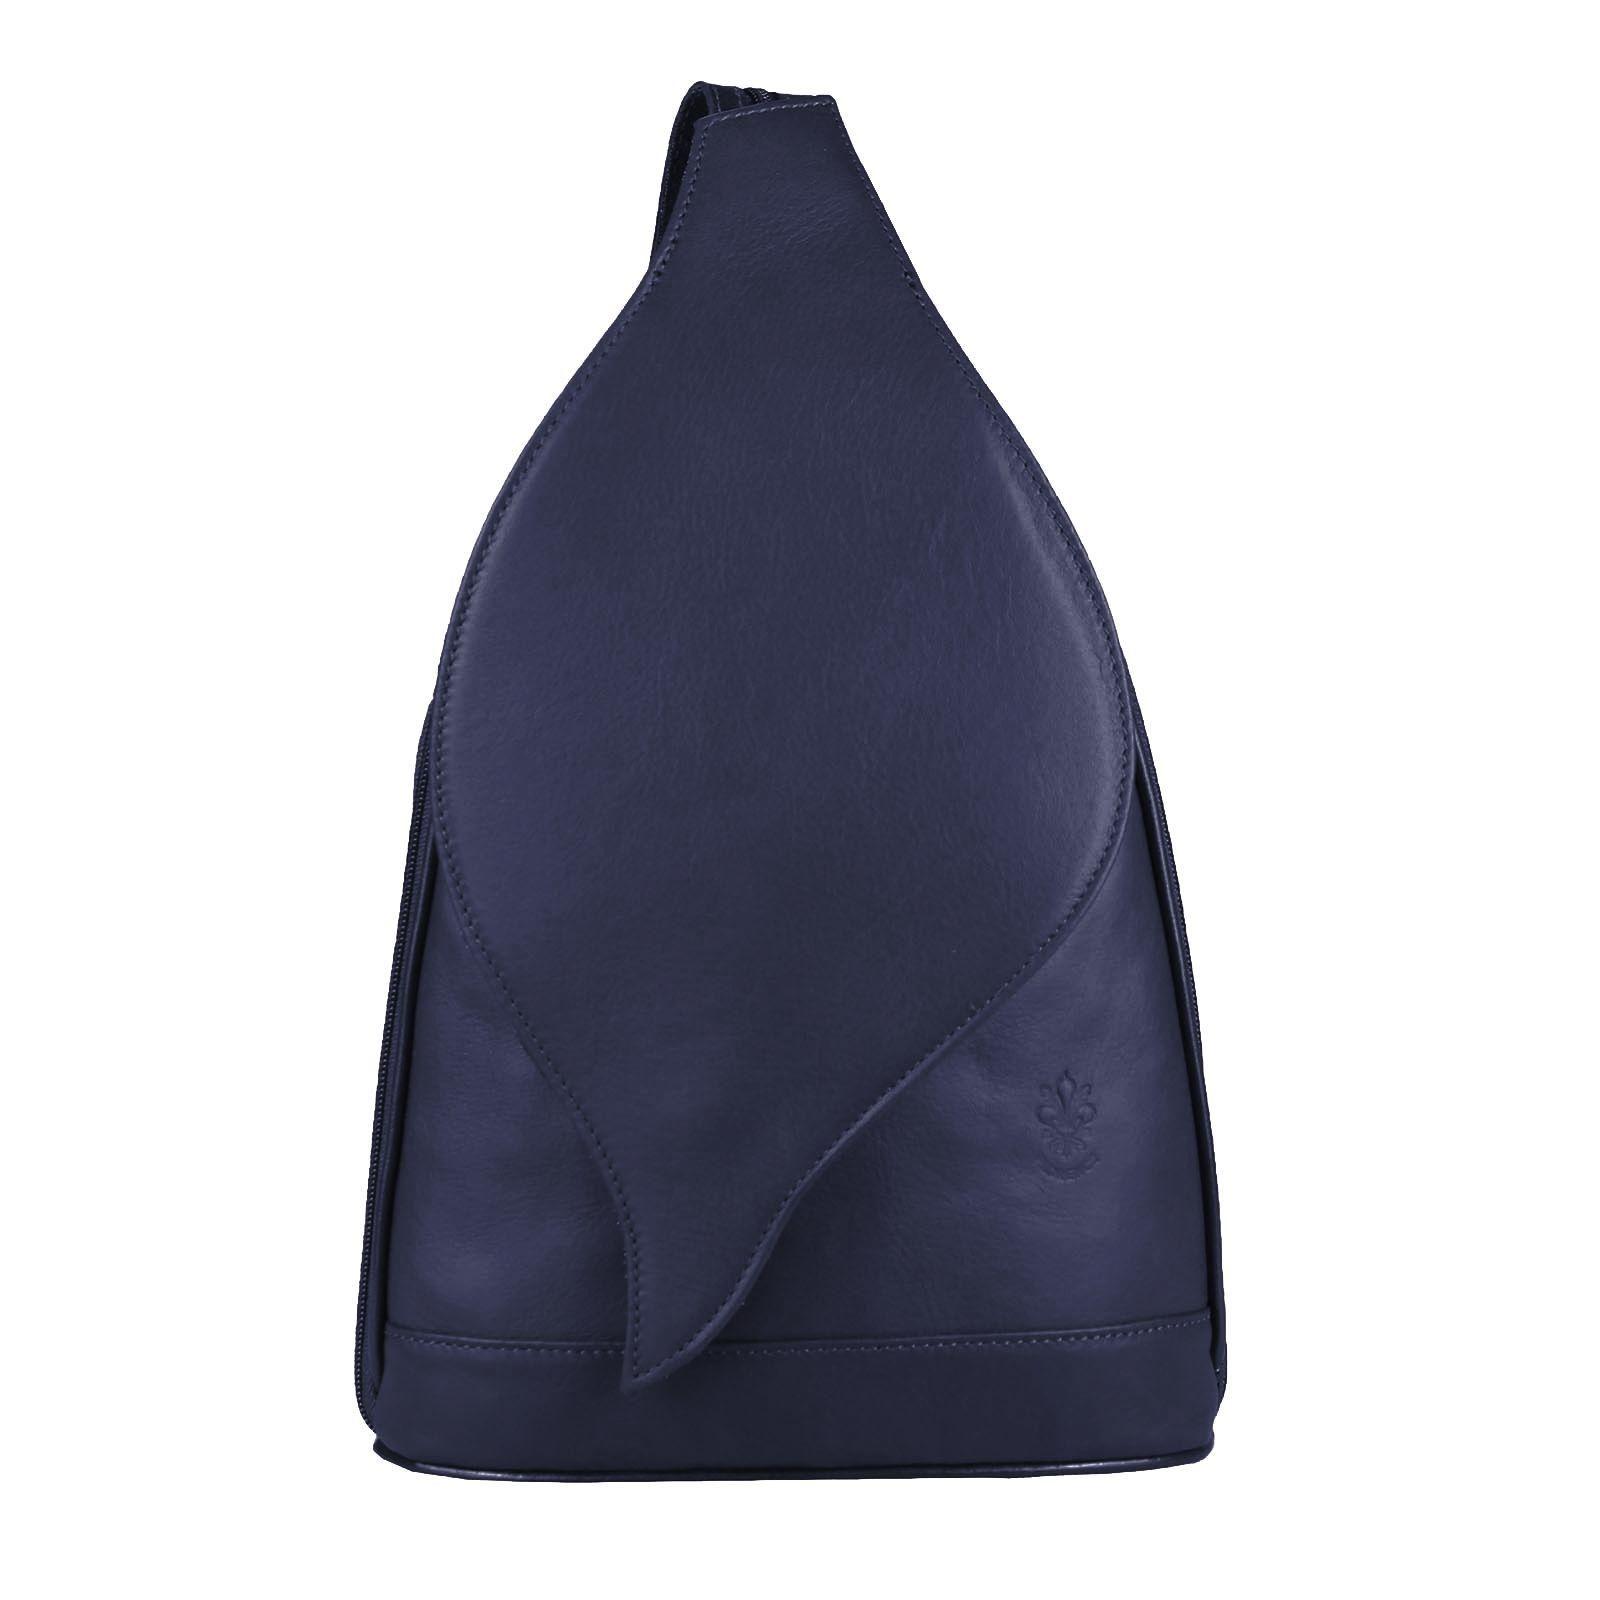 3add5686e57c1 OBC Made in Italy DAMEN echt Leder RUCKSACK Lederrucksack Tasche  Schultertasche Ledertasche Nappaleder Handtasche Blau 17x28x9cm